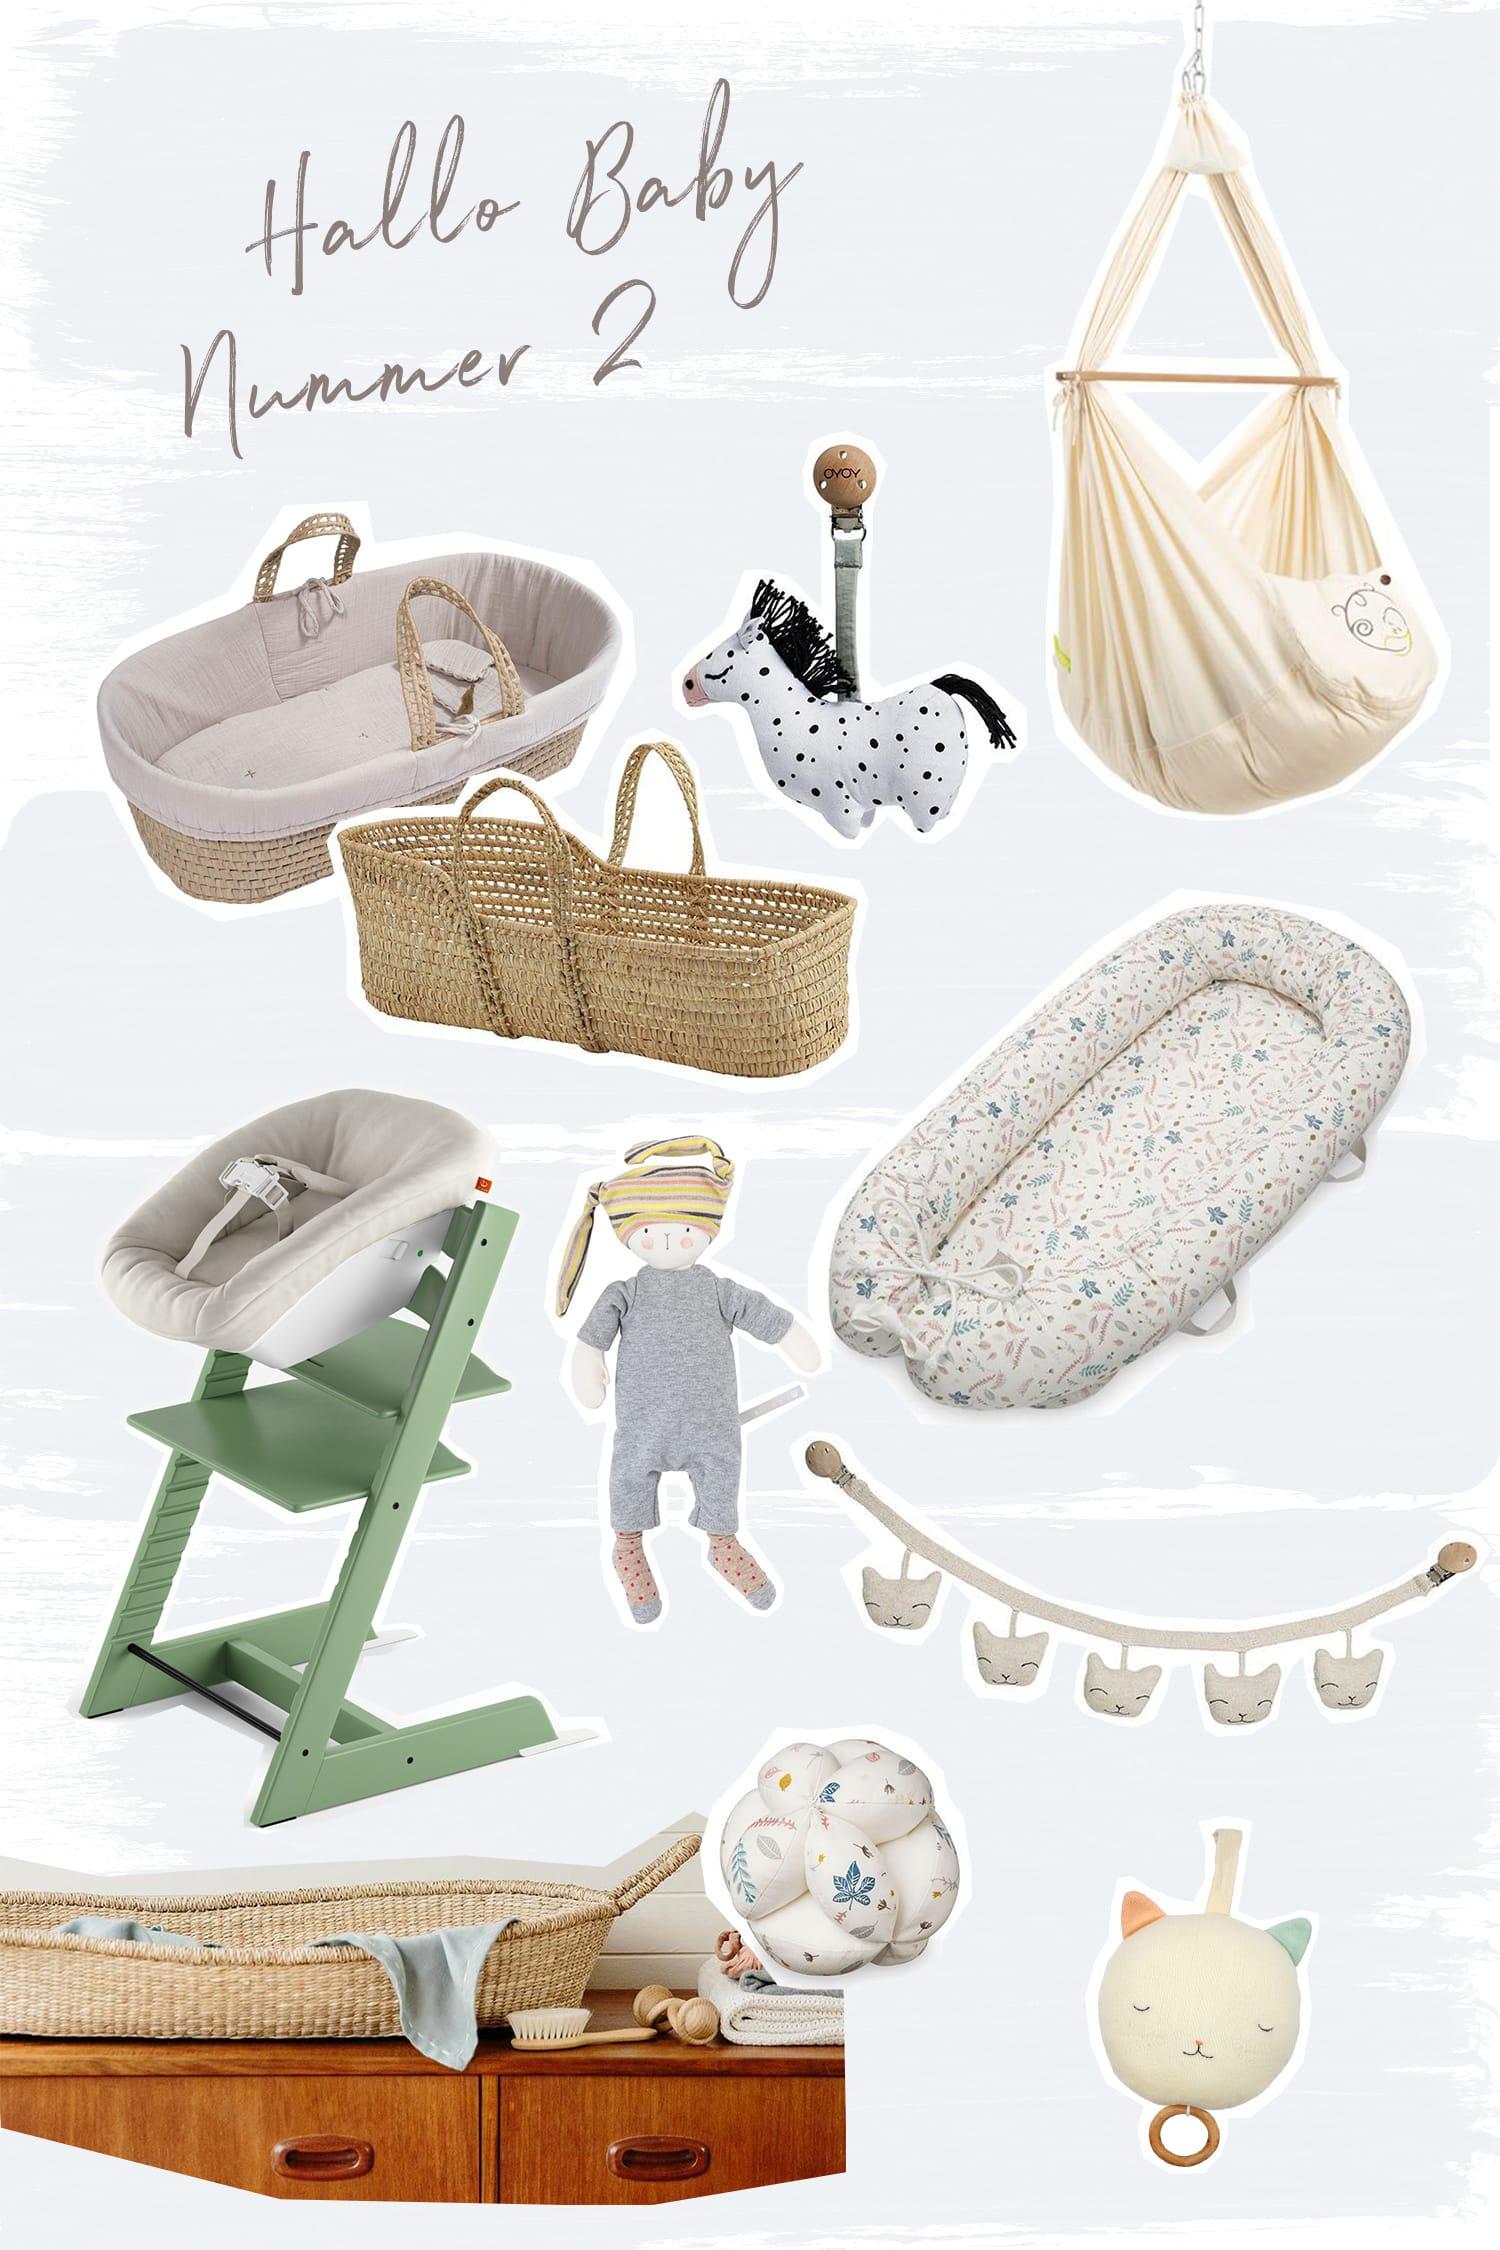 Nestbautrieb | Eigentlich haben wir schon allesNützlich oder unnütz? Egal, schön! | Eine Wunschliste für das zweite Kind